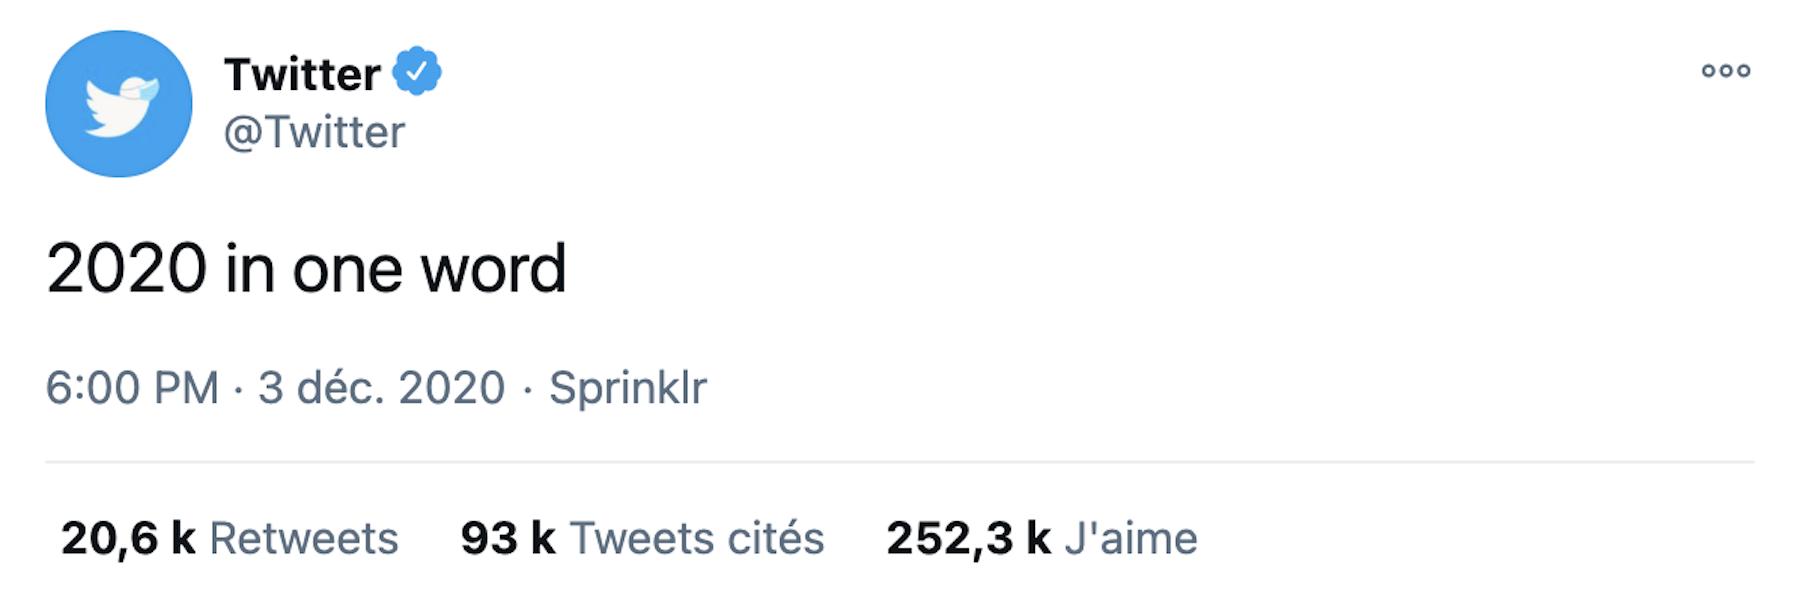 Twitter demande de résumer 2020 en un mot : les marques répondent avec humour